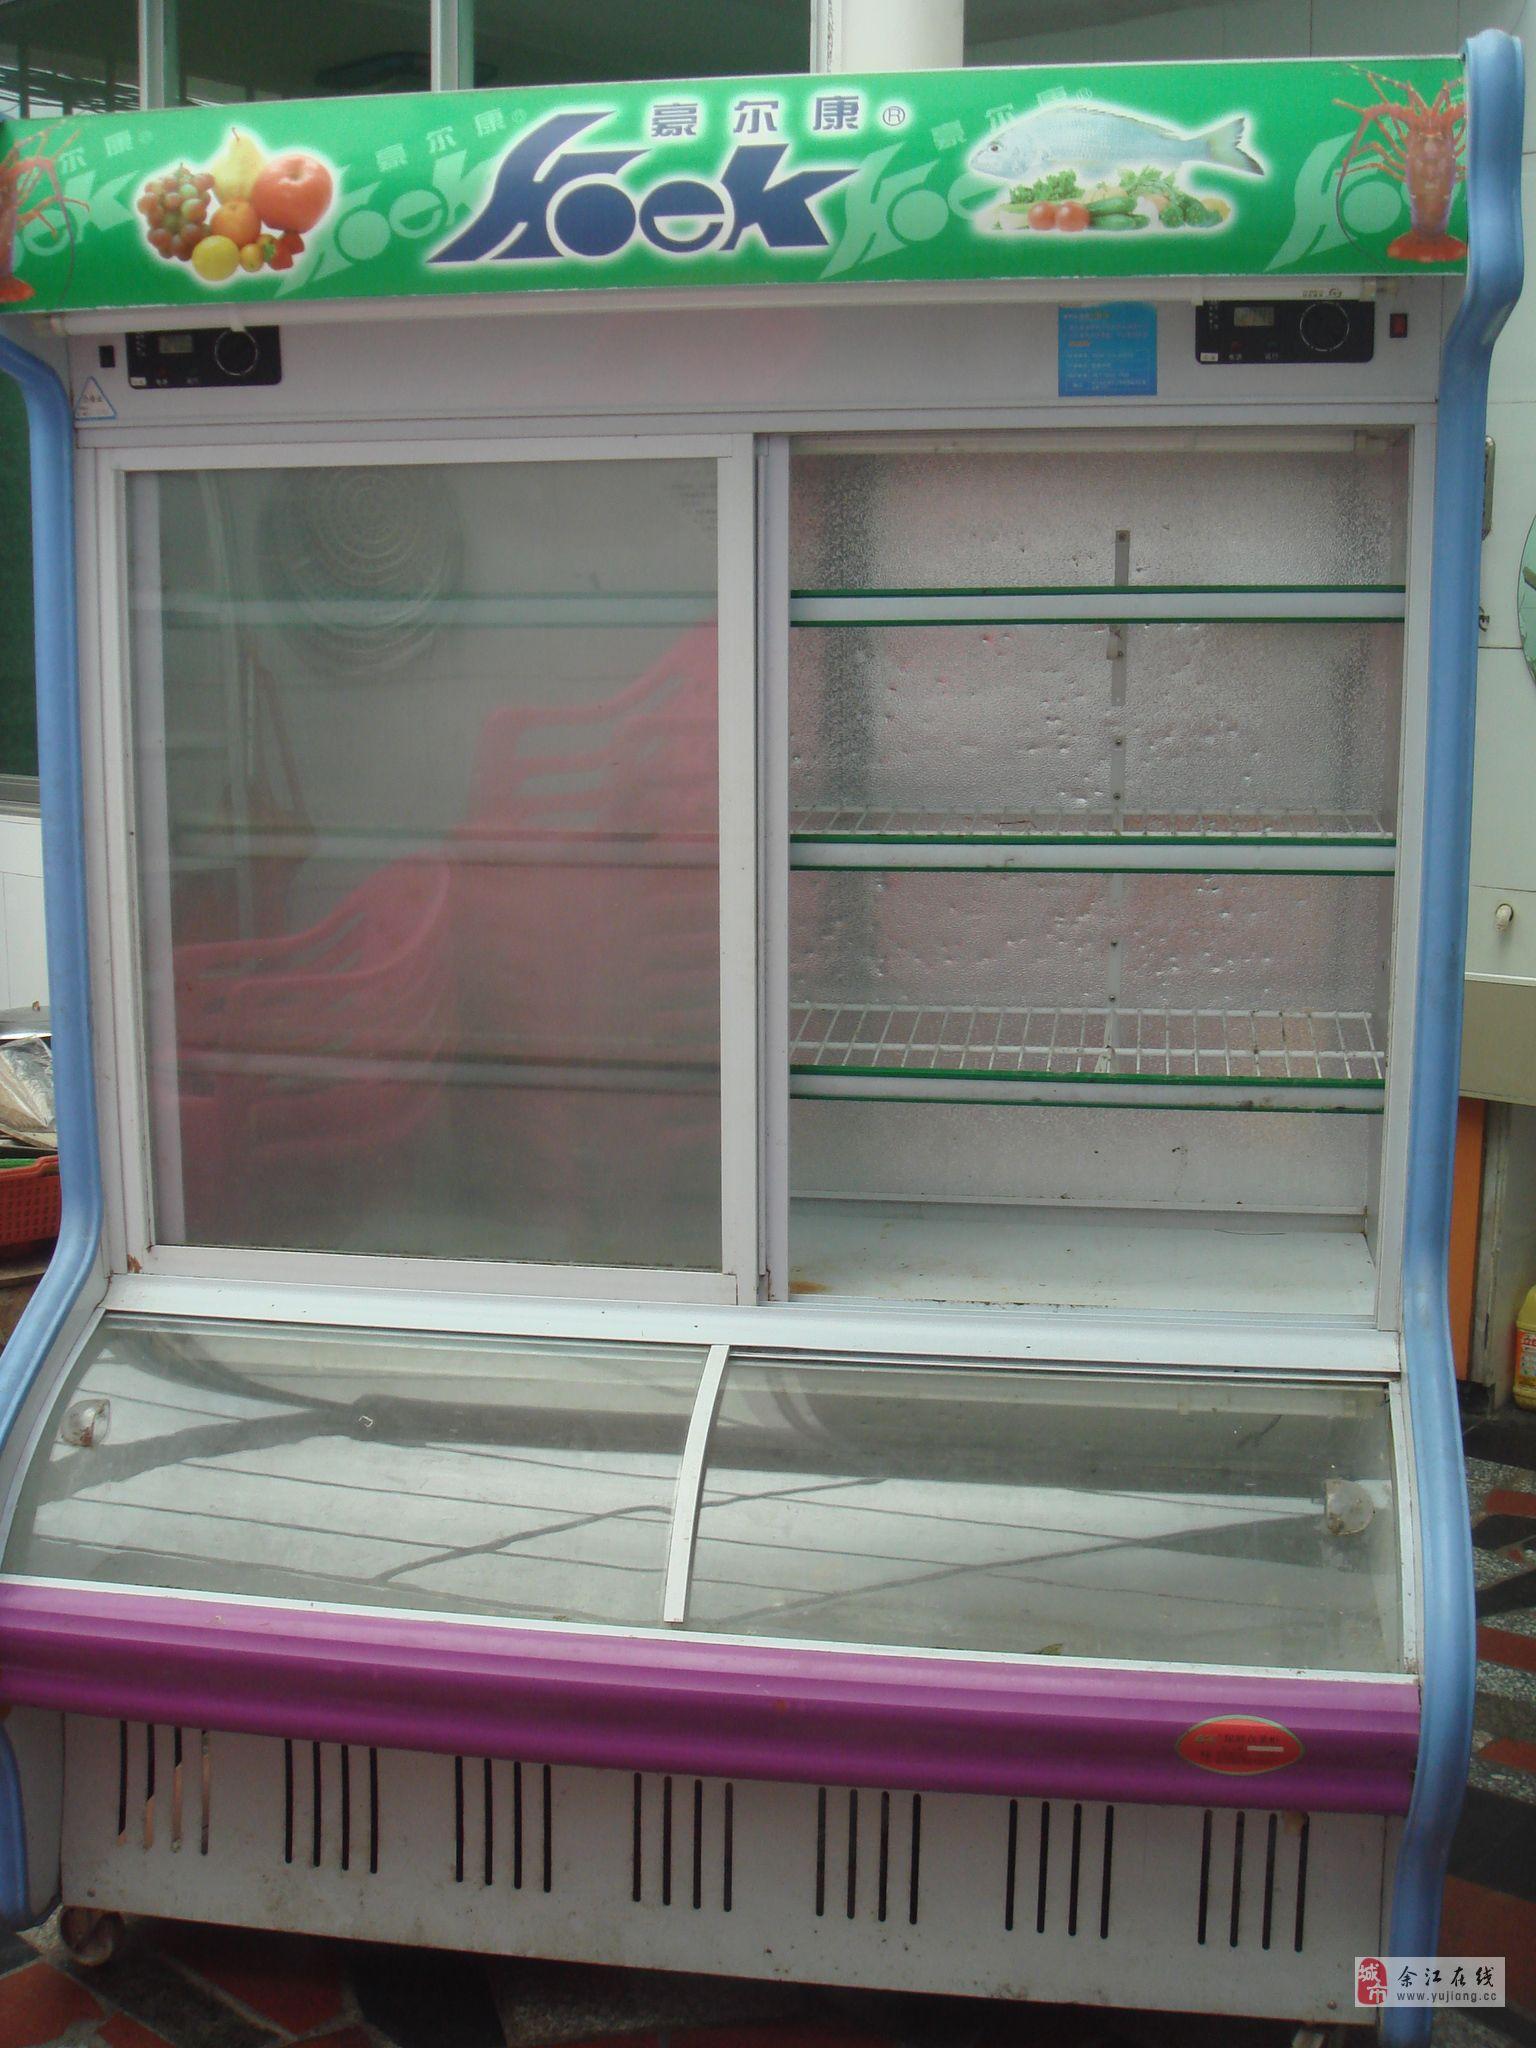 出售8成新生鲜展示冰柜